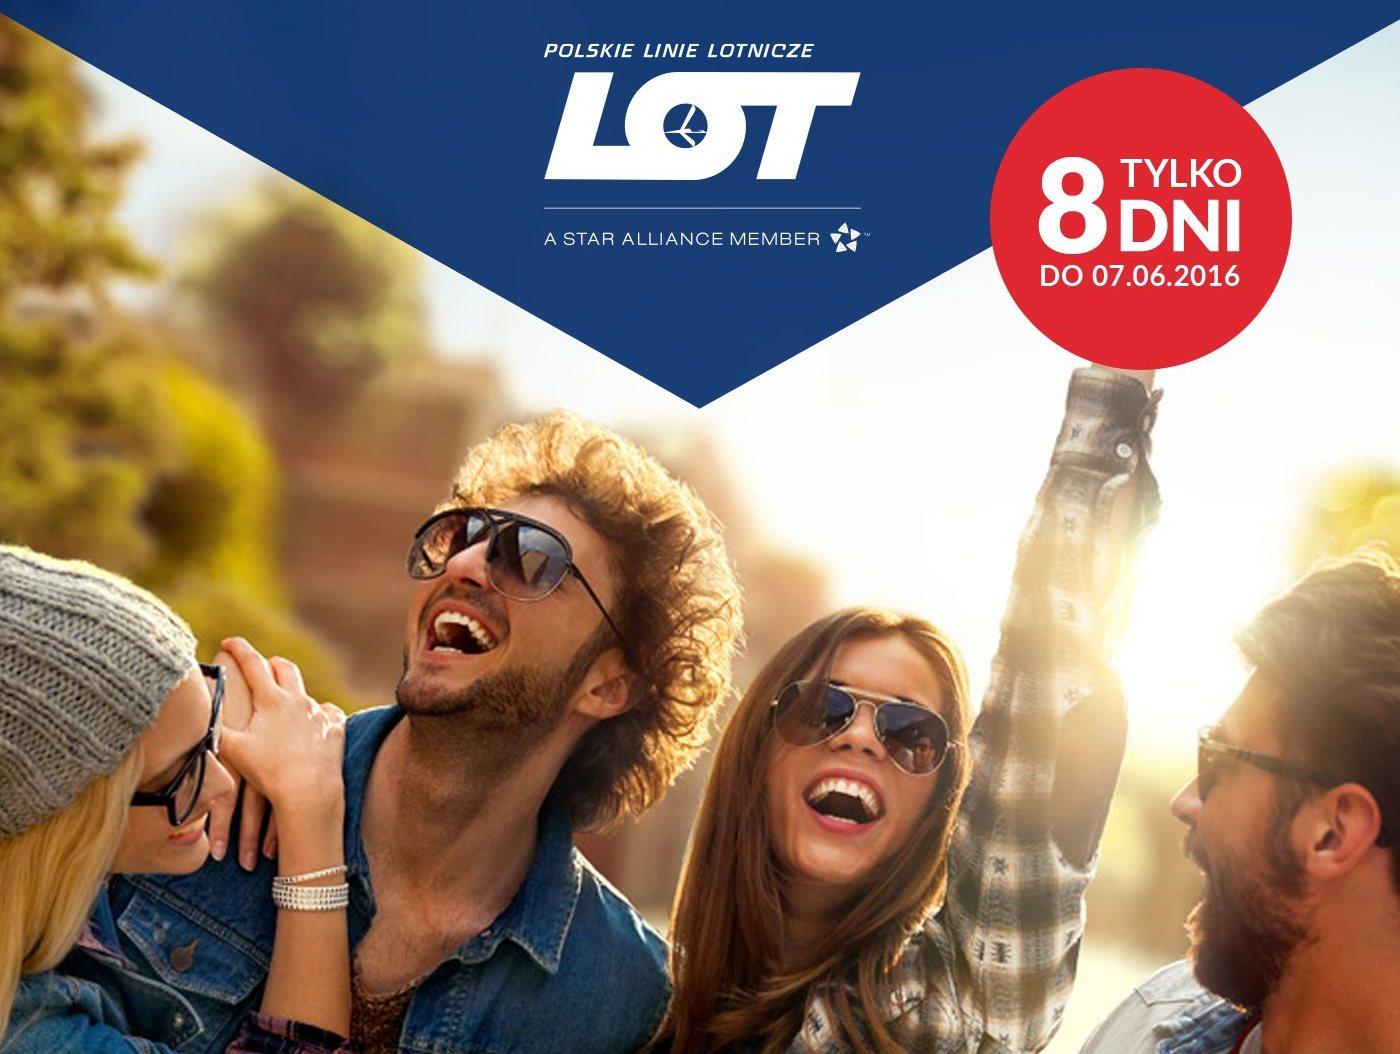 PLL LOT: Odlotowy Festiwal Cenowy (Europa Południowa i inne)